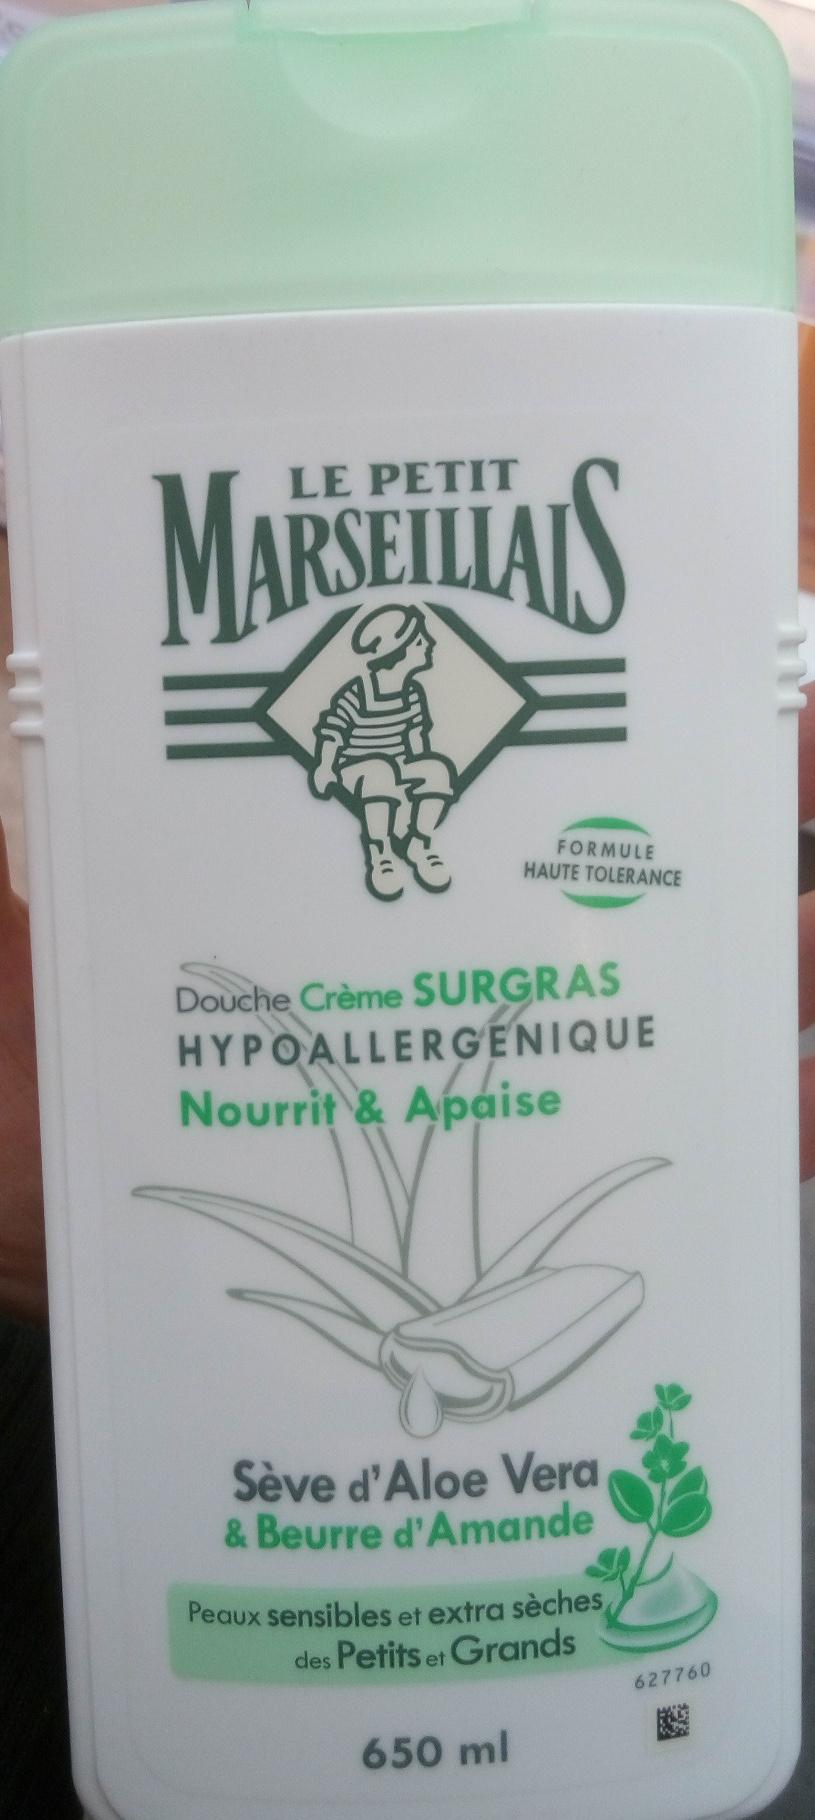 Douche crème surgras hypoallergénique seve d'aloe vera et beurre d'amande - Product